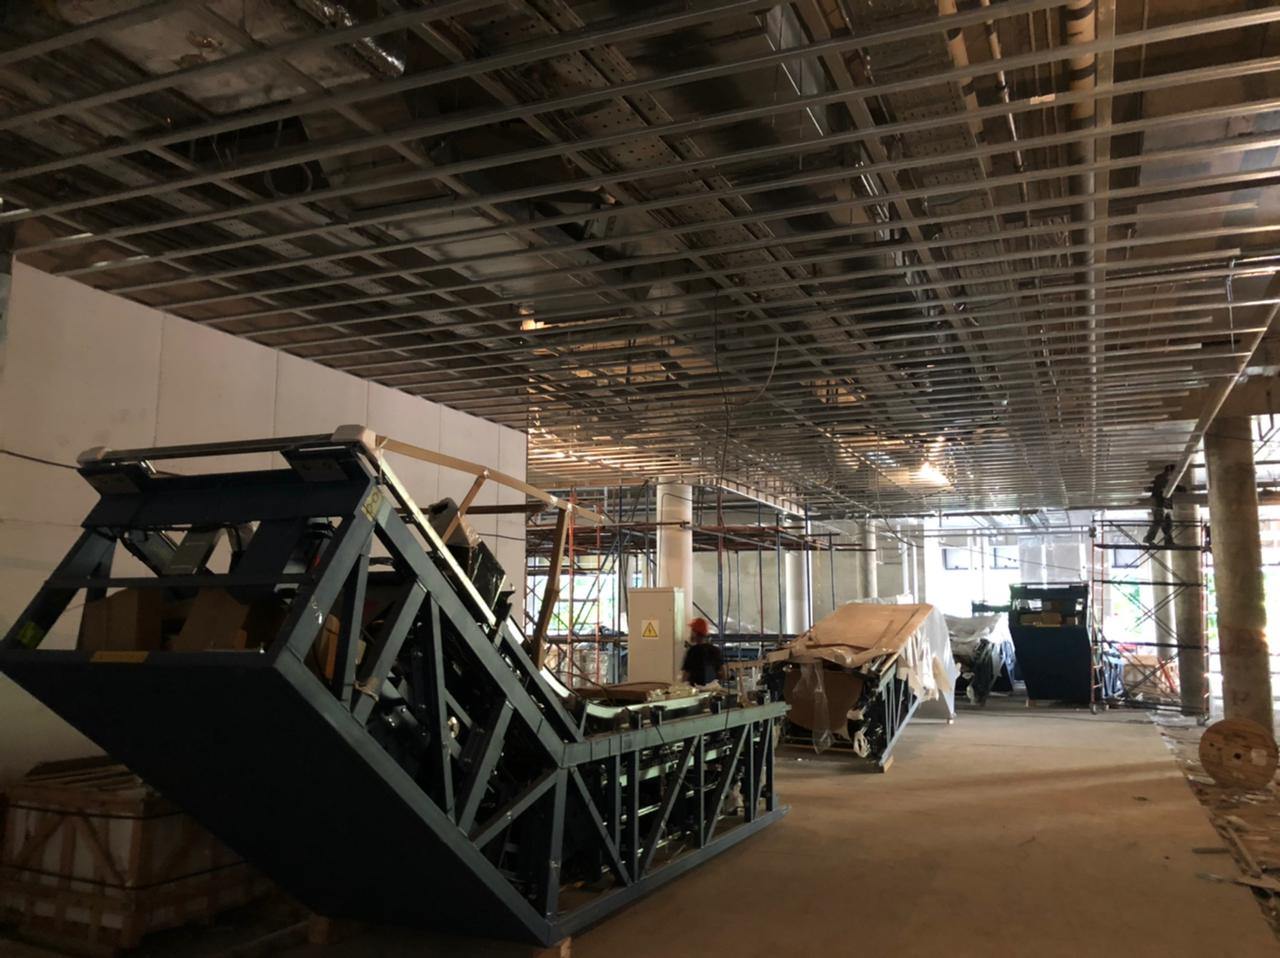 Орион — строительство очередного объекта Адамант-Строй в Москве